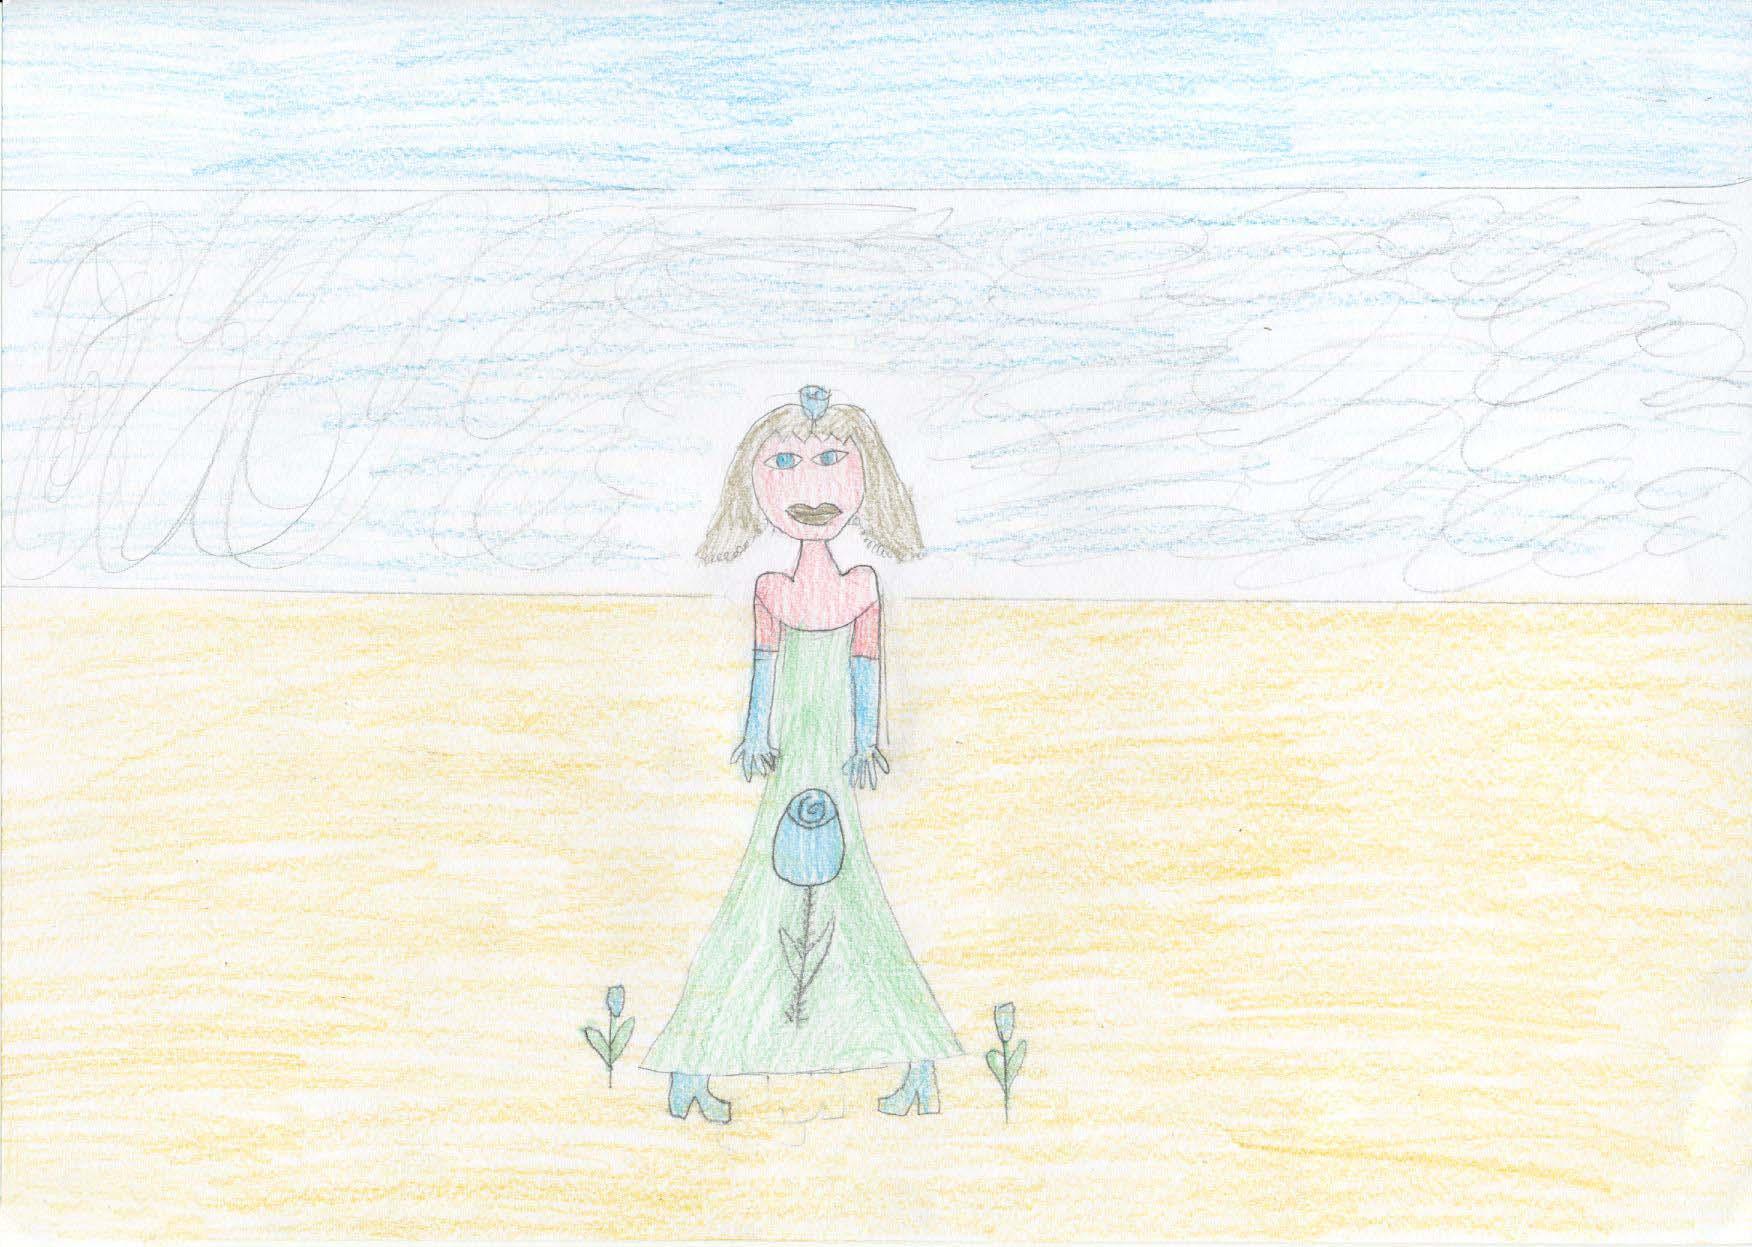 Venere vestita con grande eleganza ha una rosa sulla           veste ed è azzurra come il mare